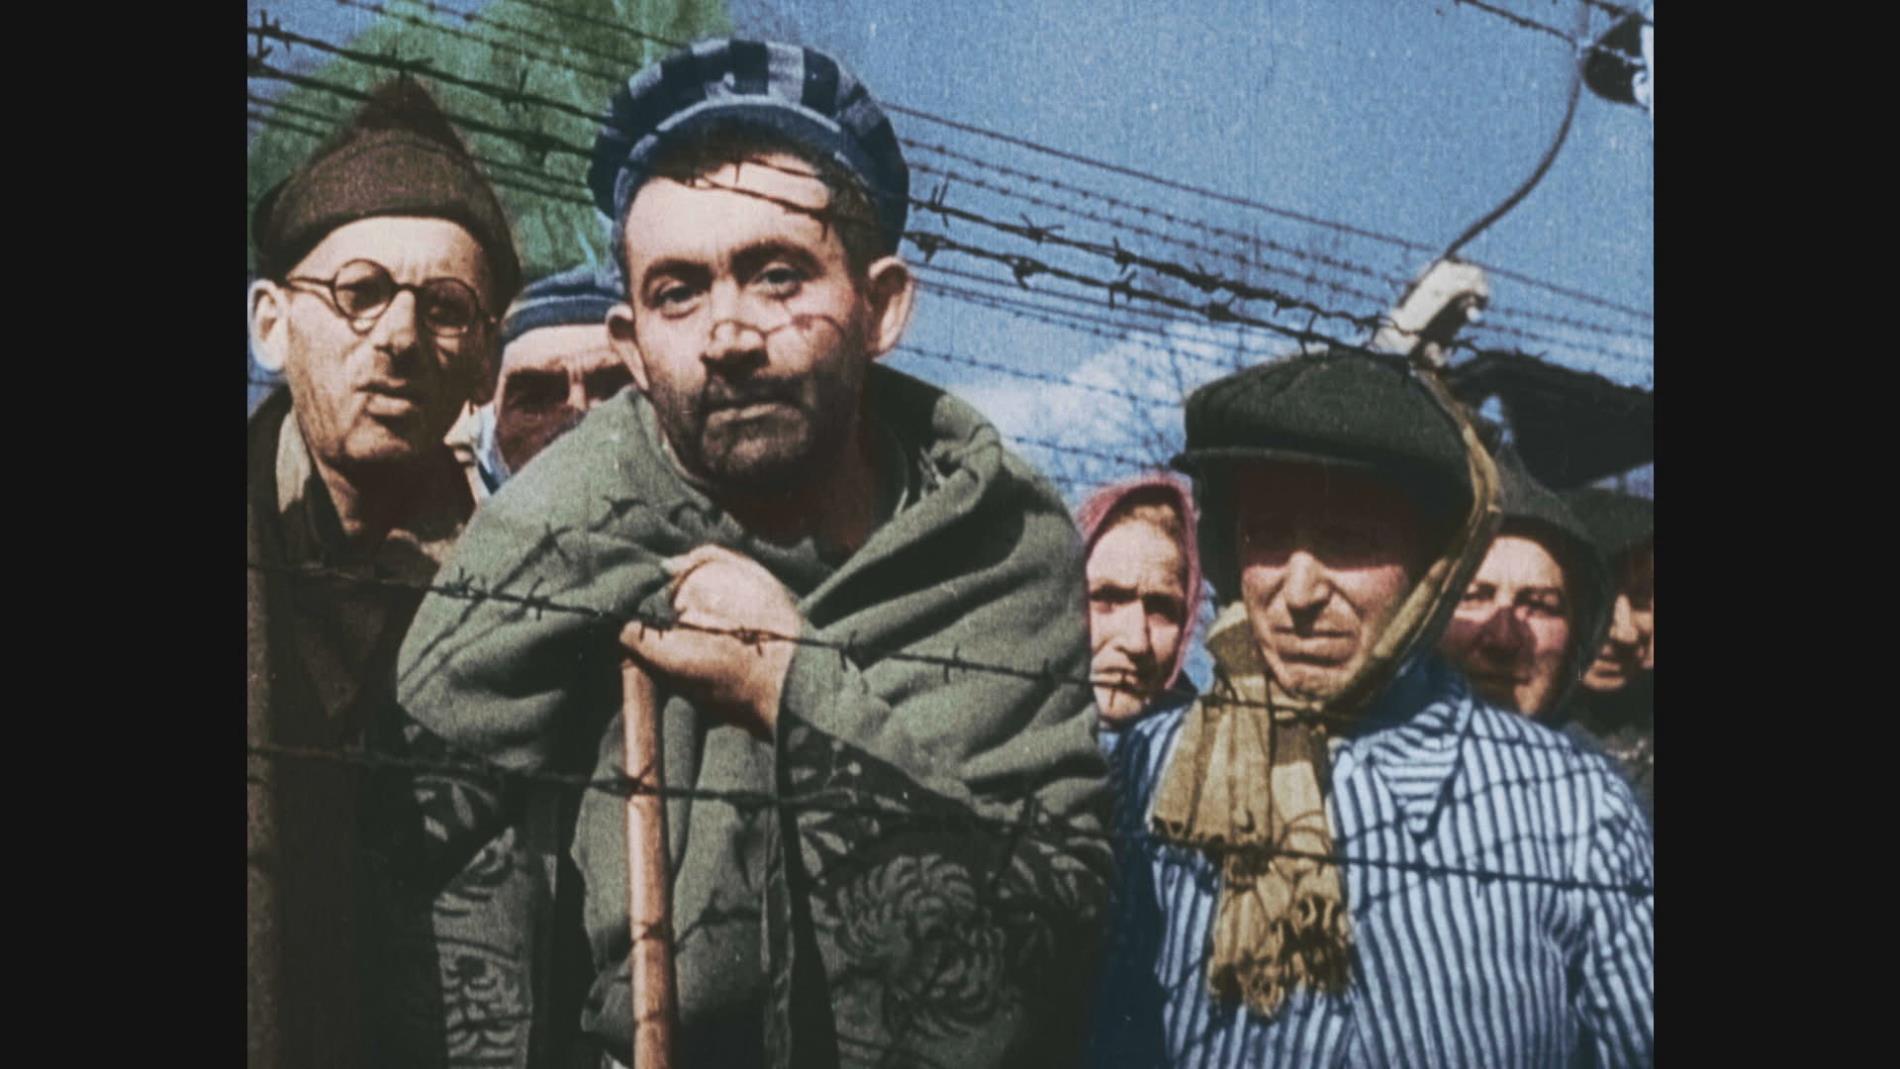 Auschwitz Untold in Colour